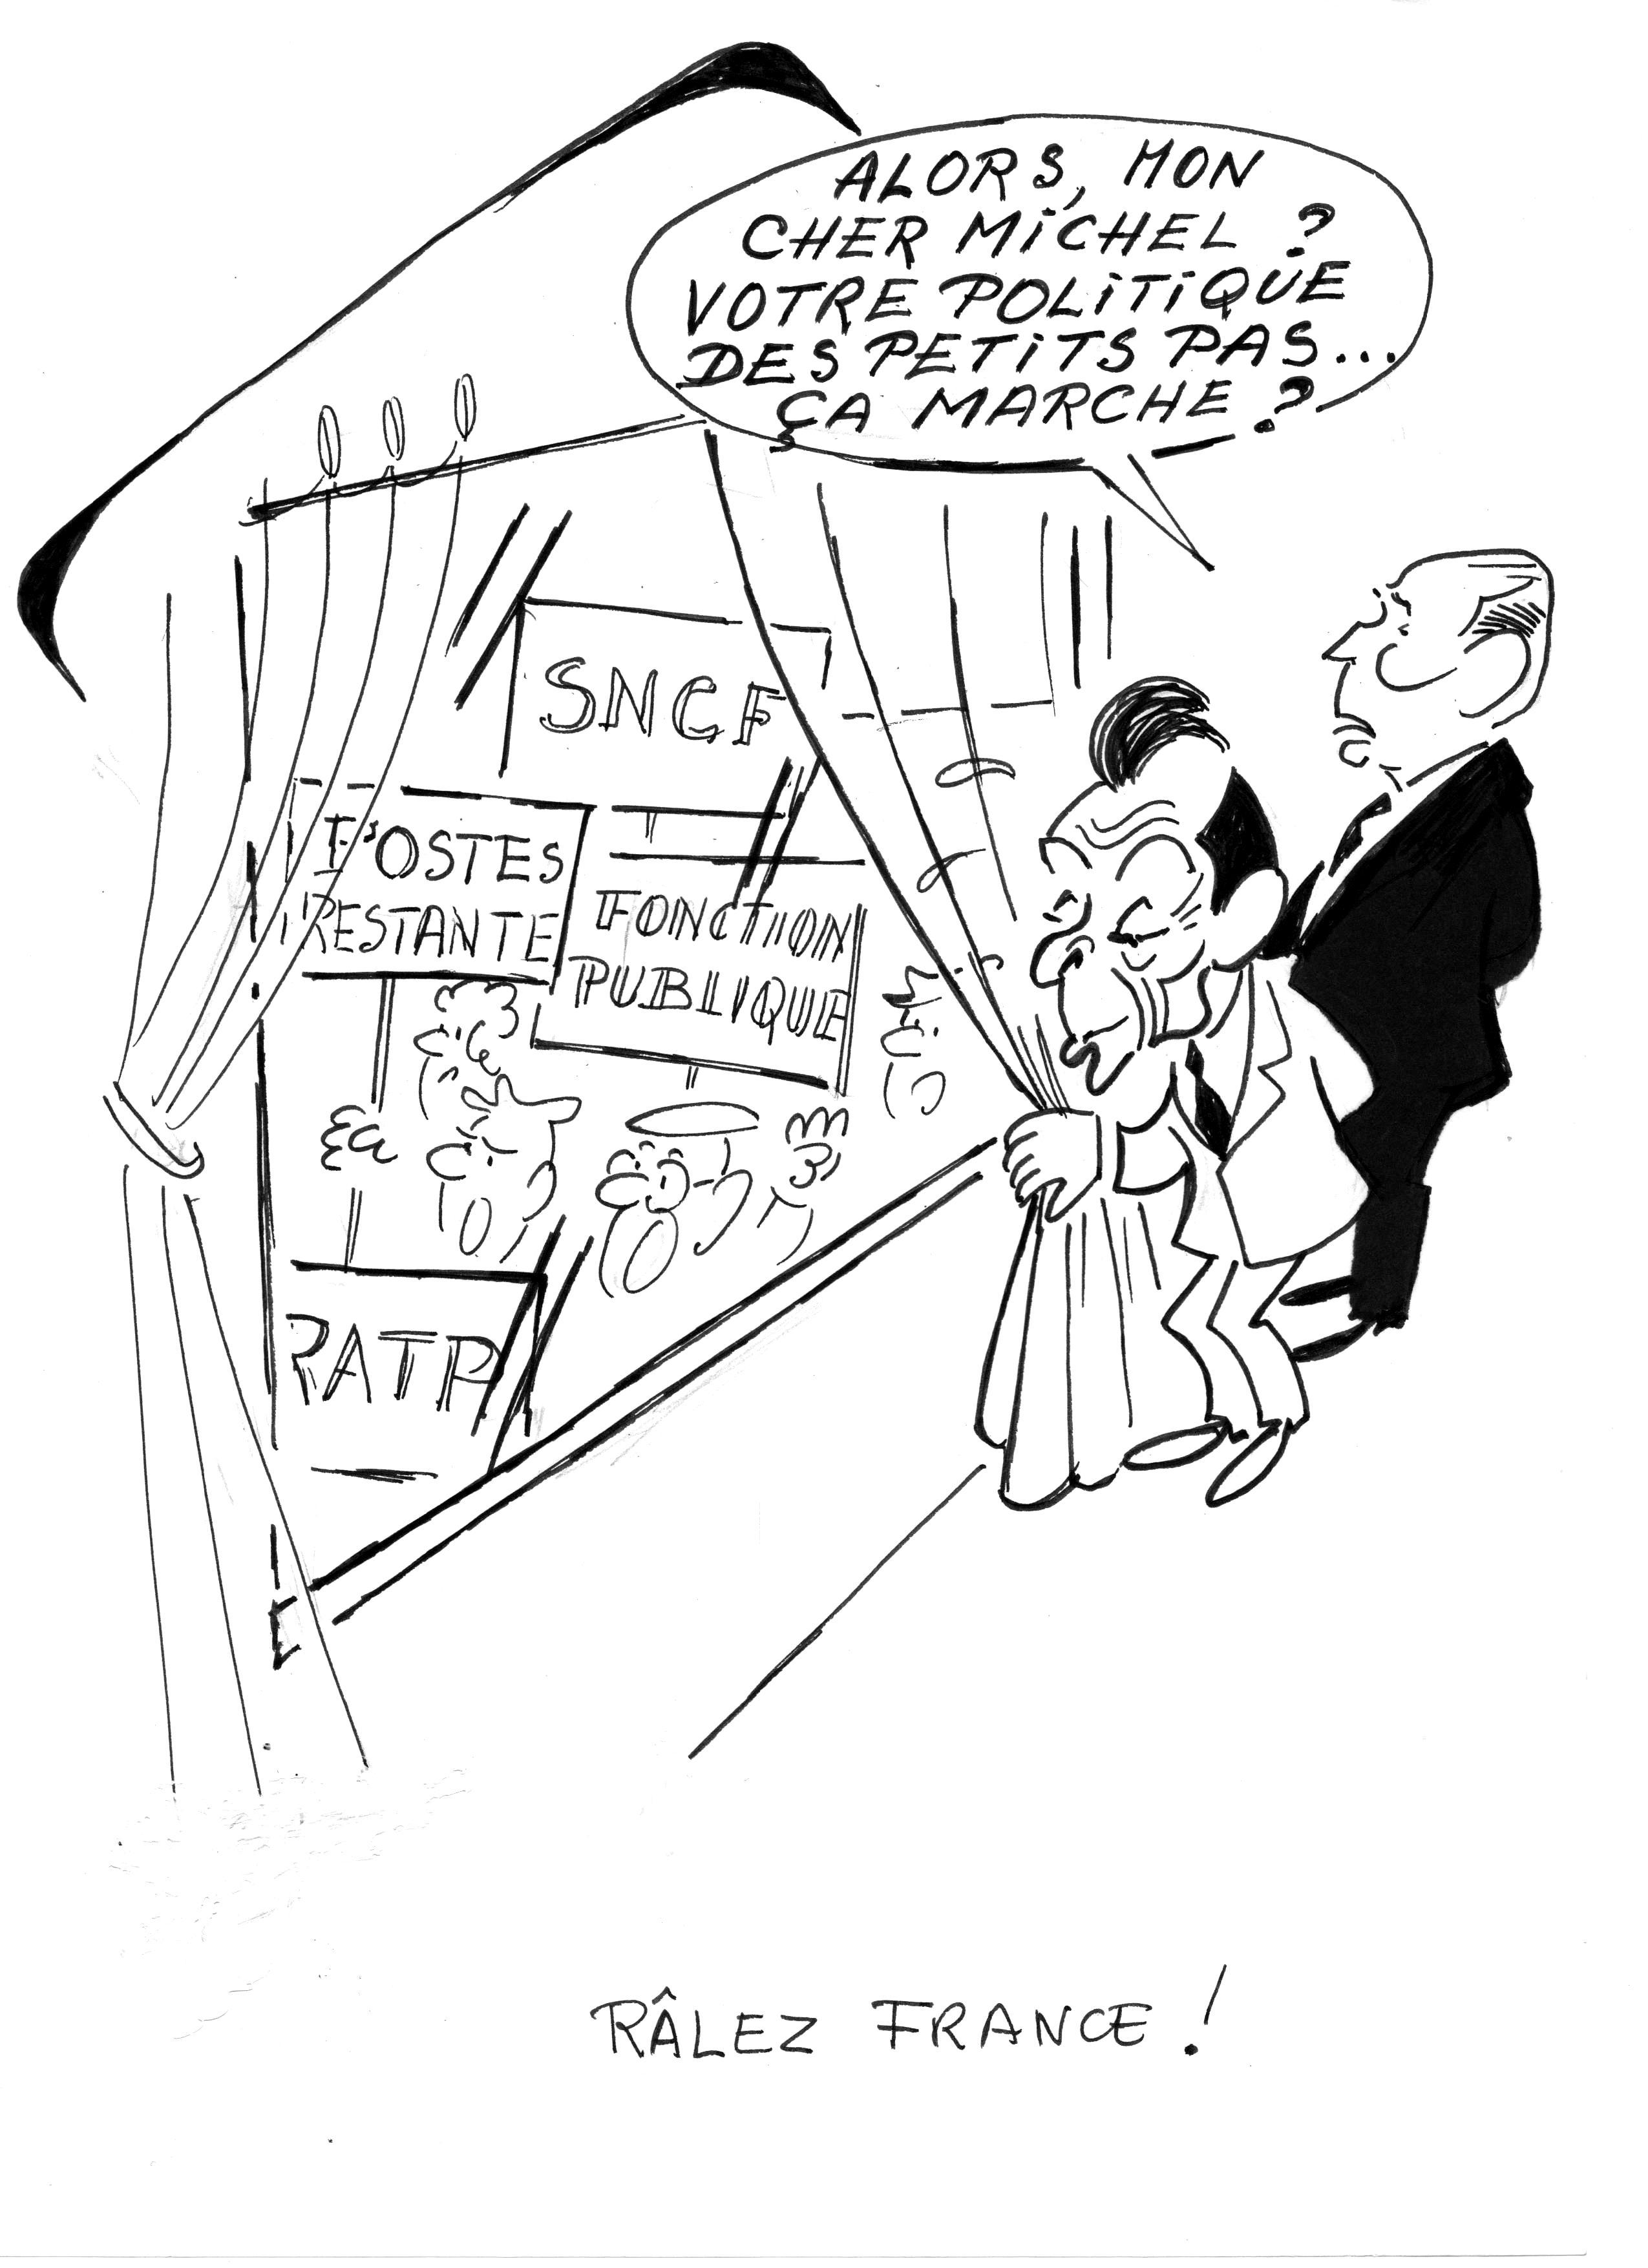 1989 Rocard Mitterrand